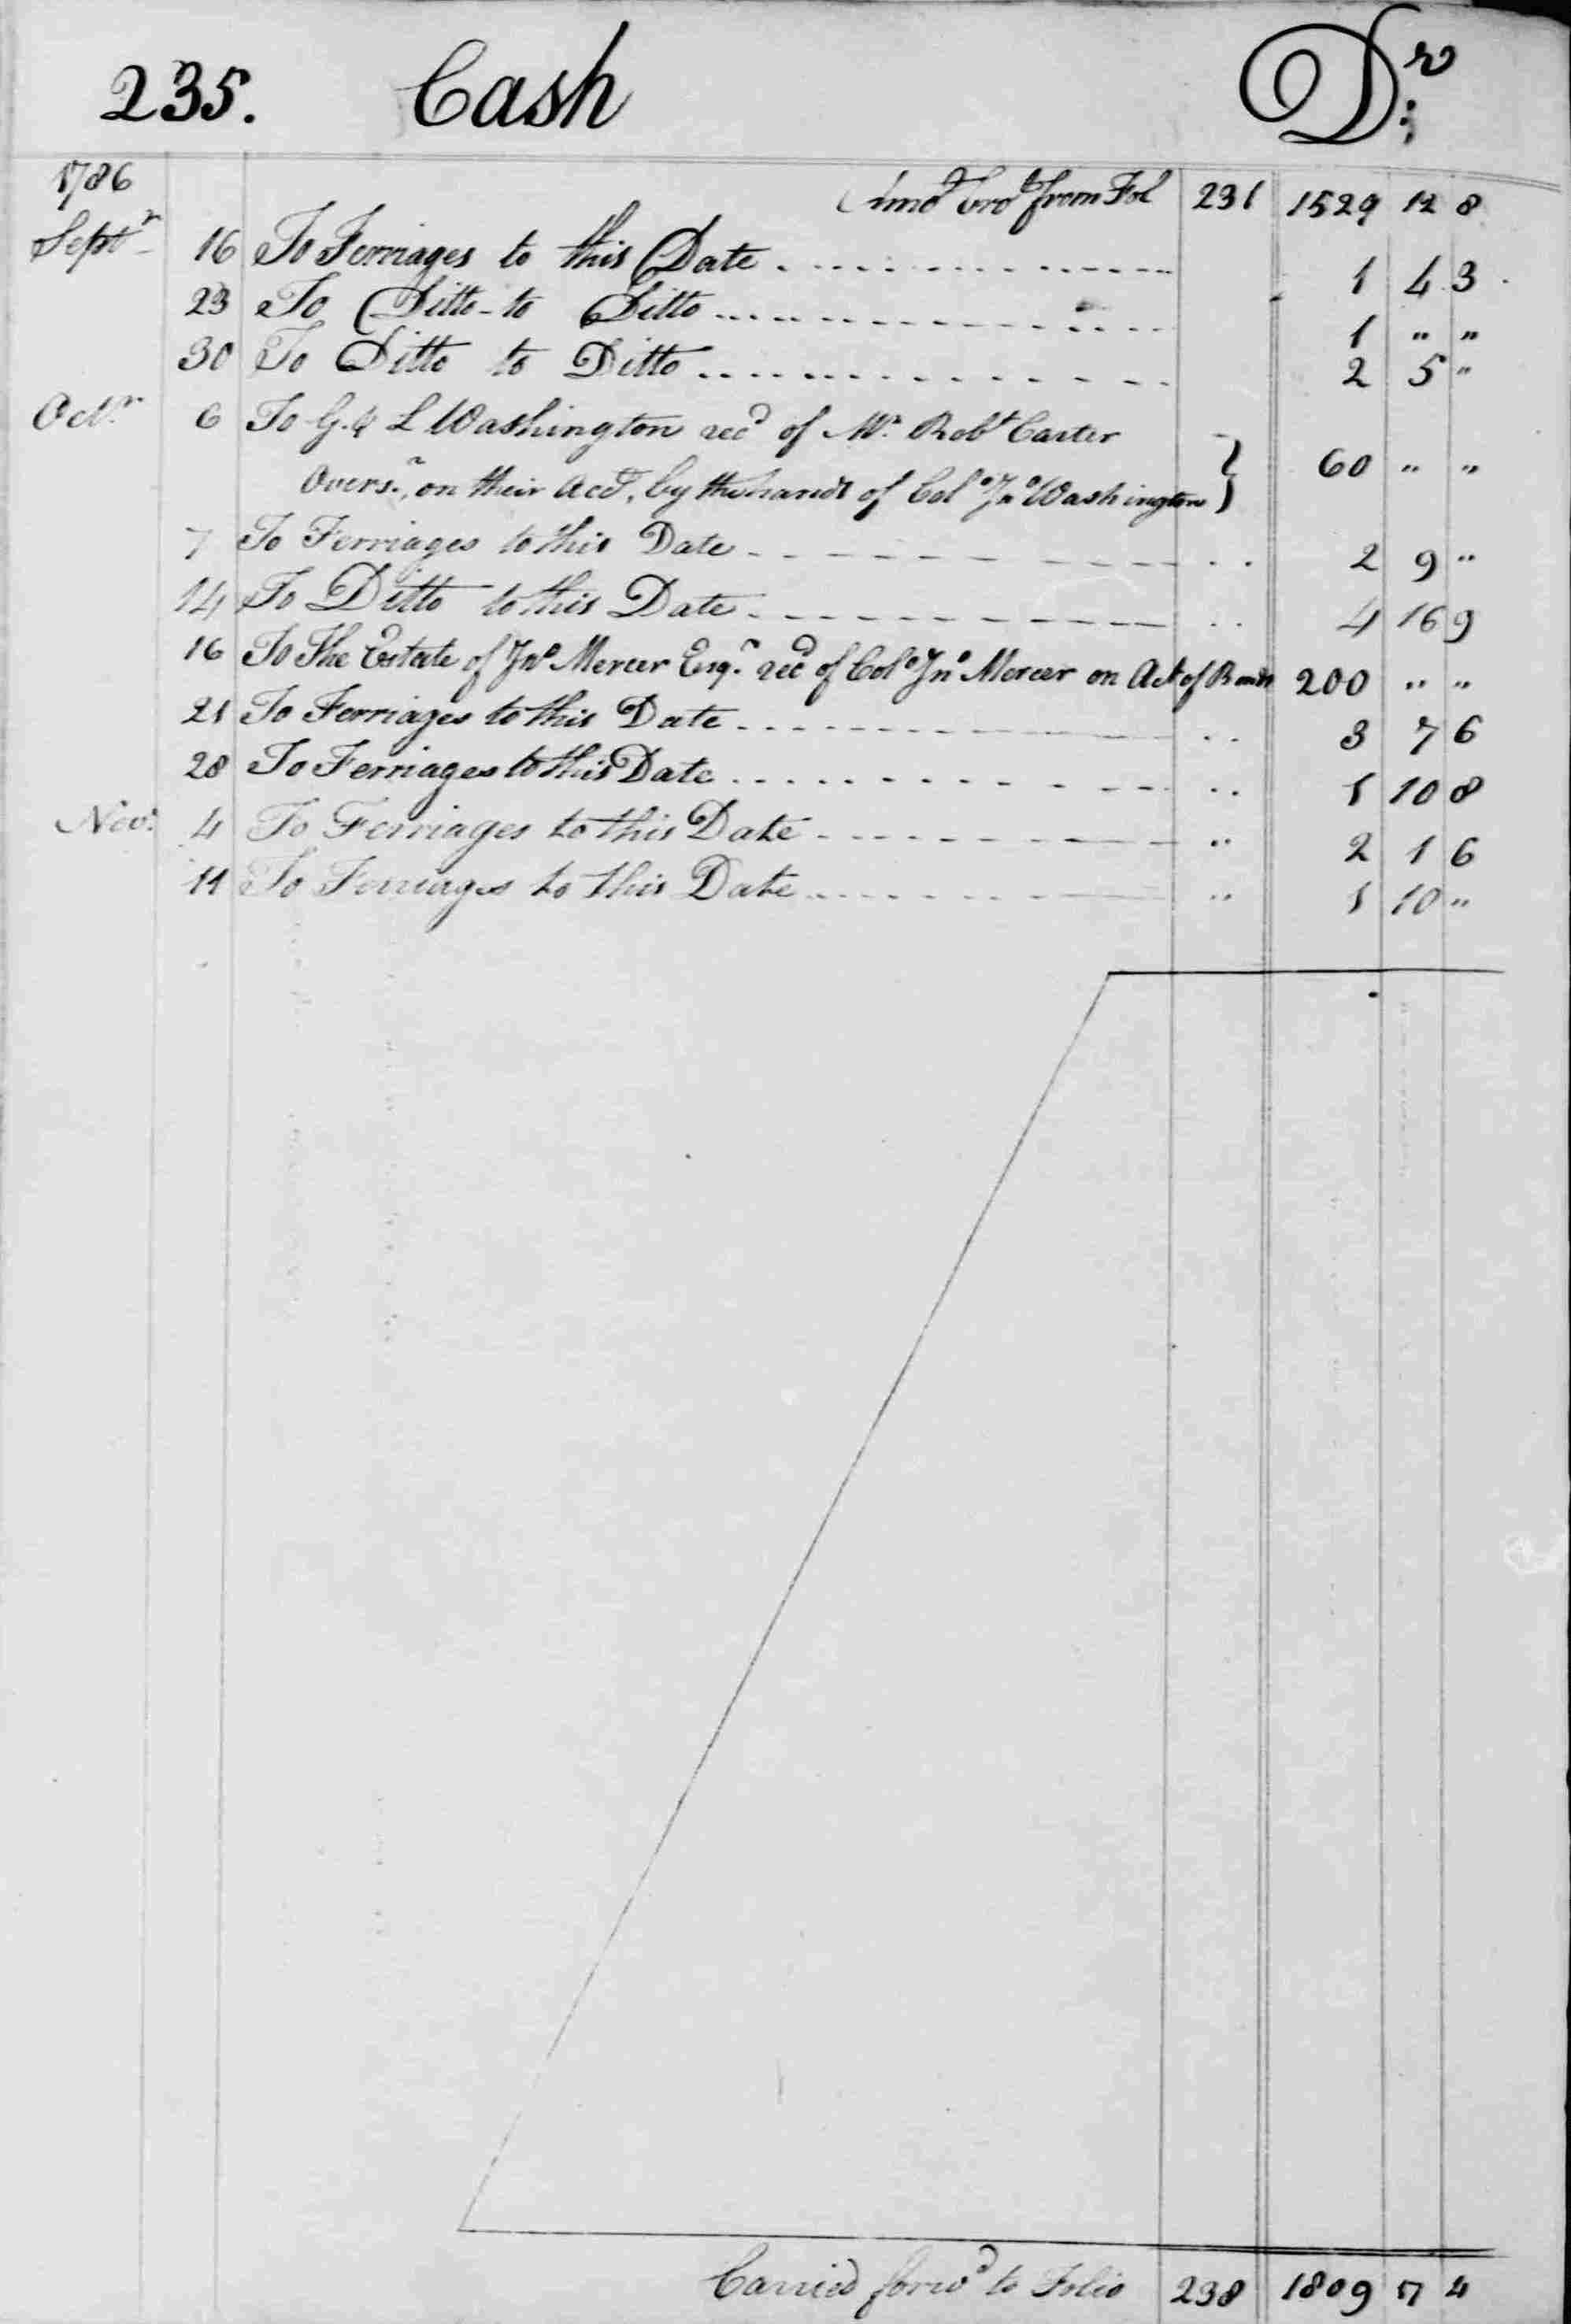 Ledger B, folio 235, left side